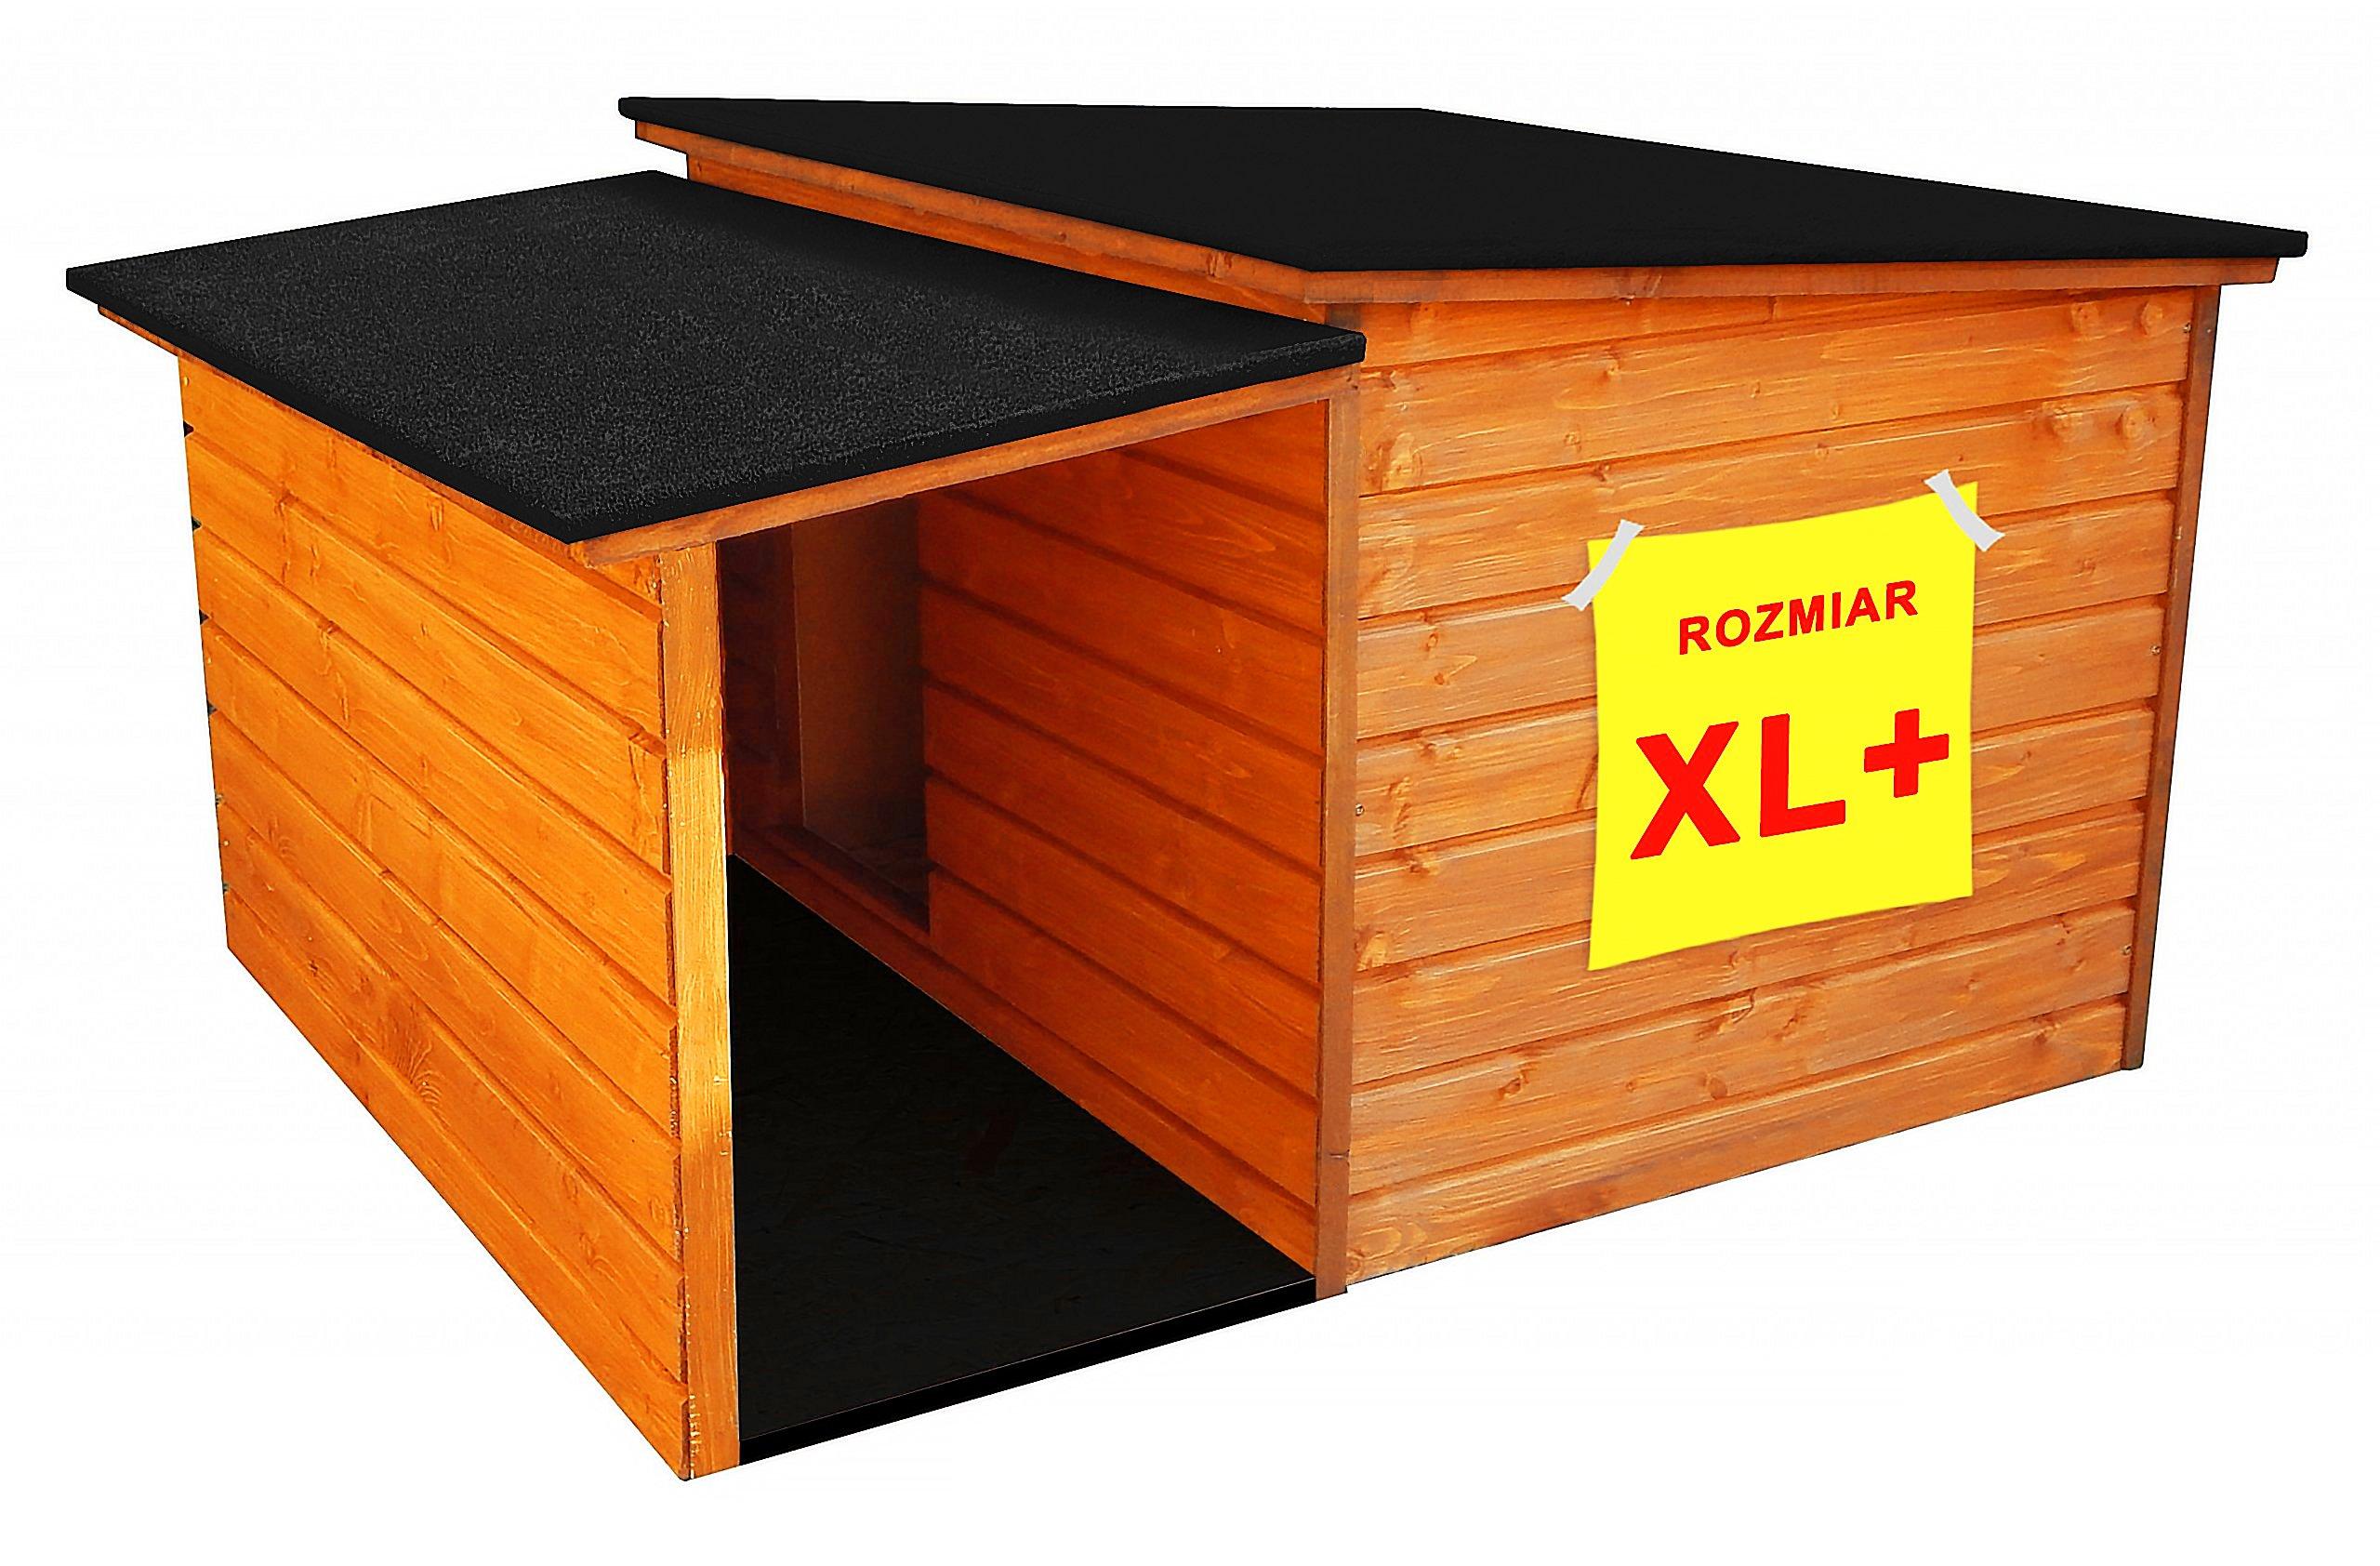 DUŻA BUDA LEGOWISKO KLATKA DLA PSA KOJEC+KARMA XL+